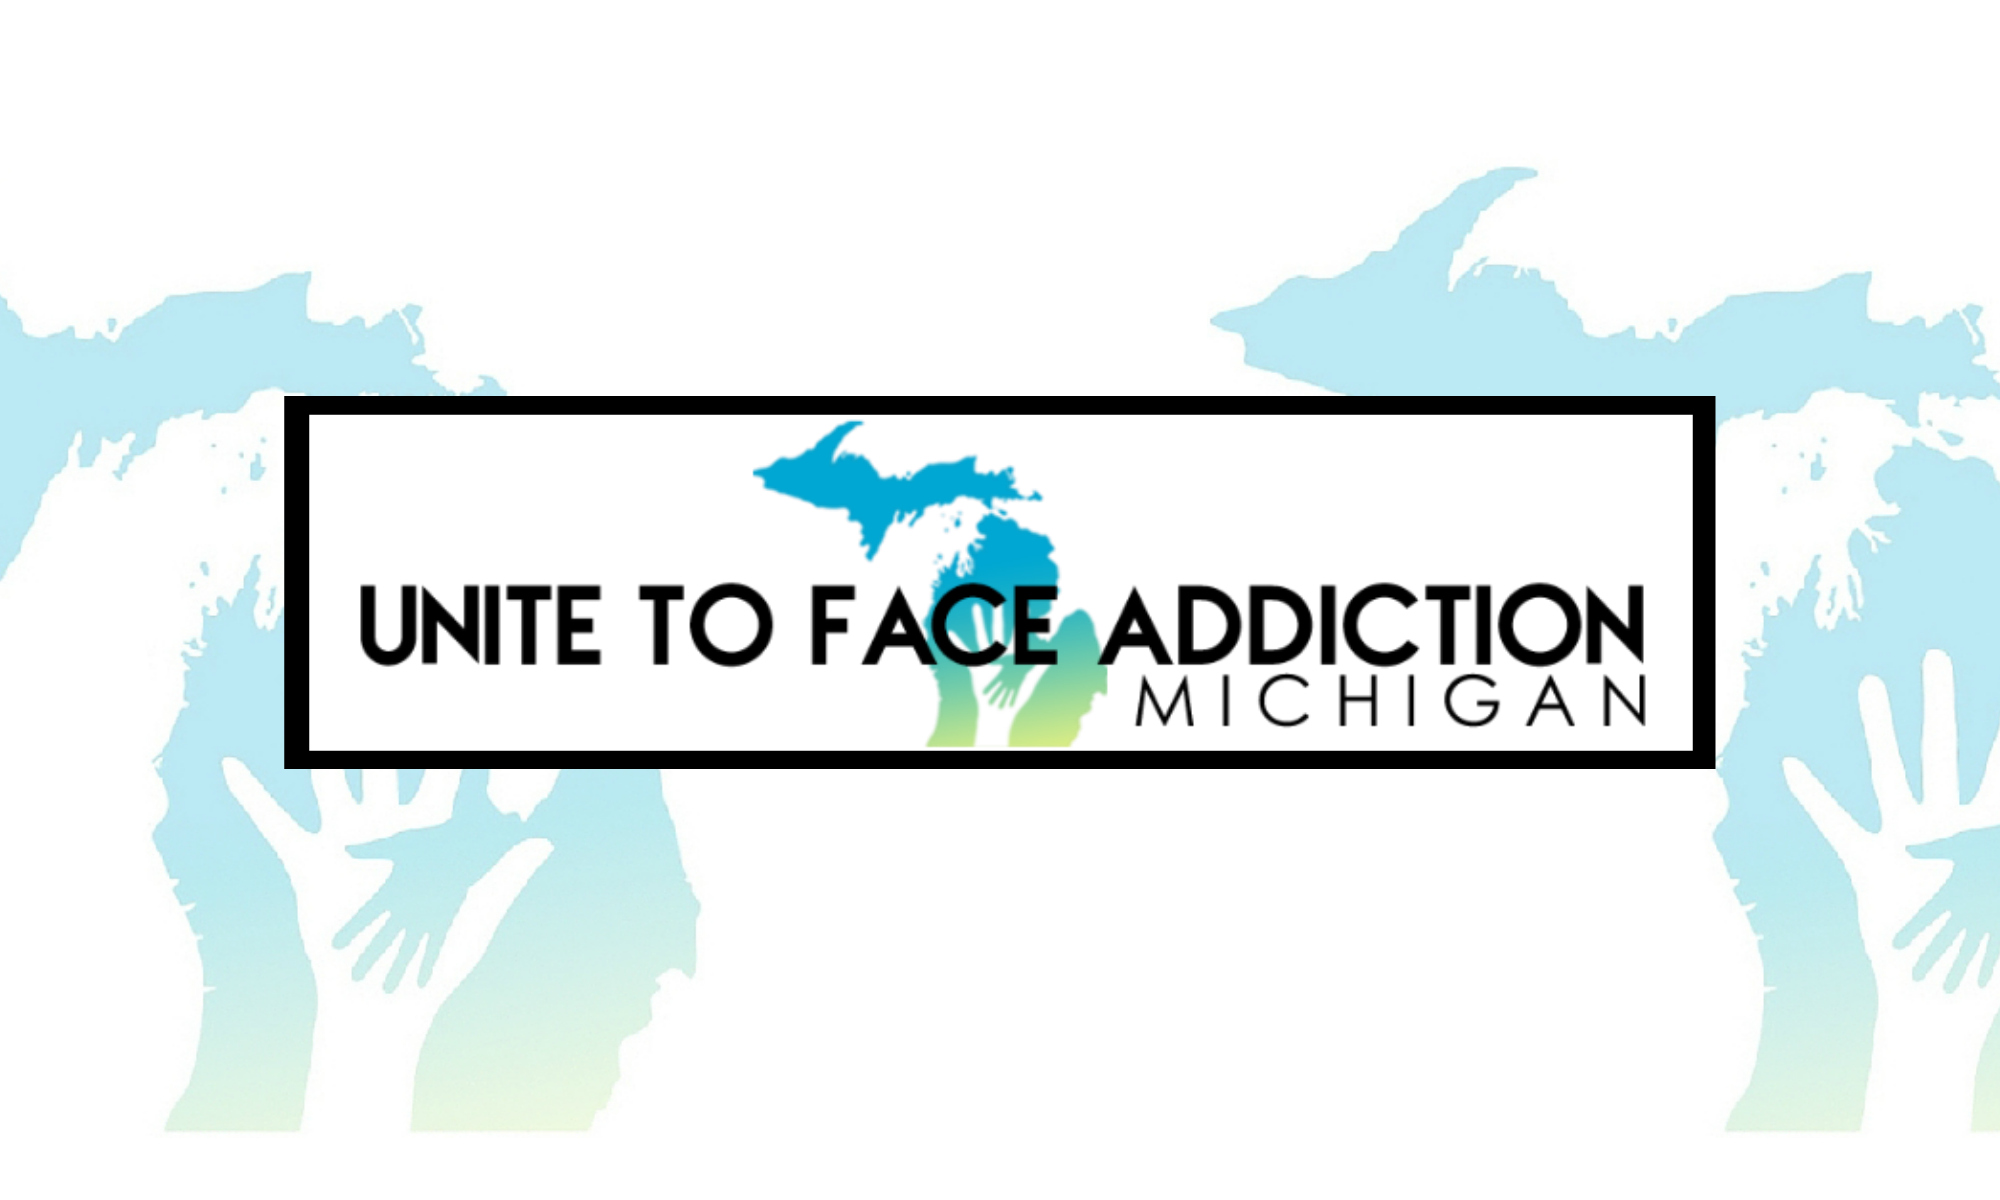 Unite to Face Addiction Michigan